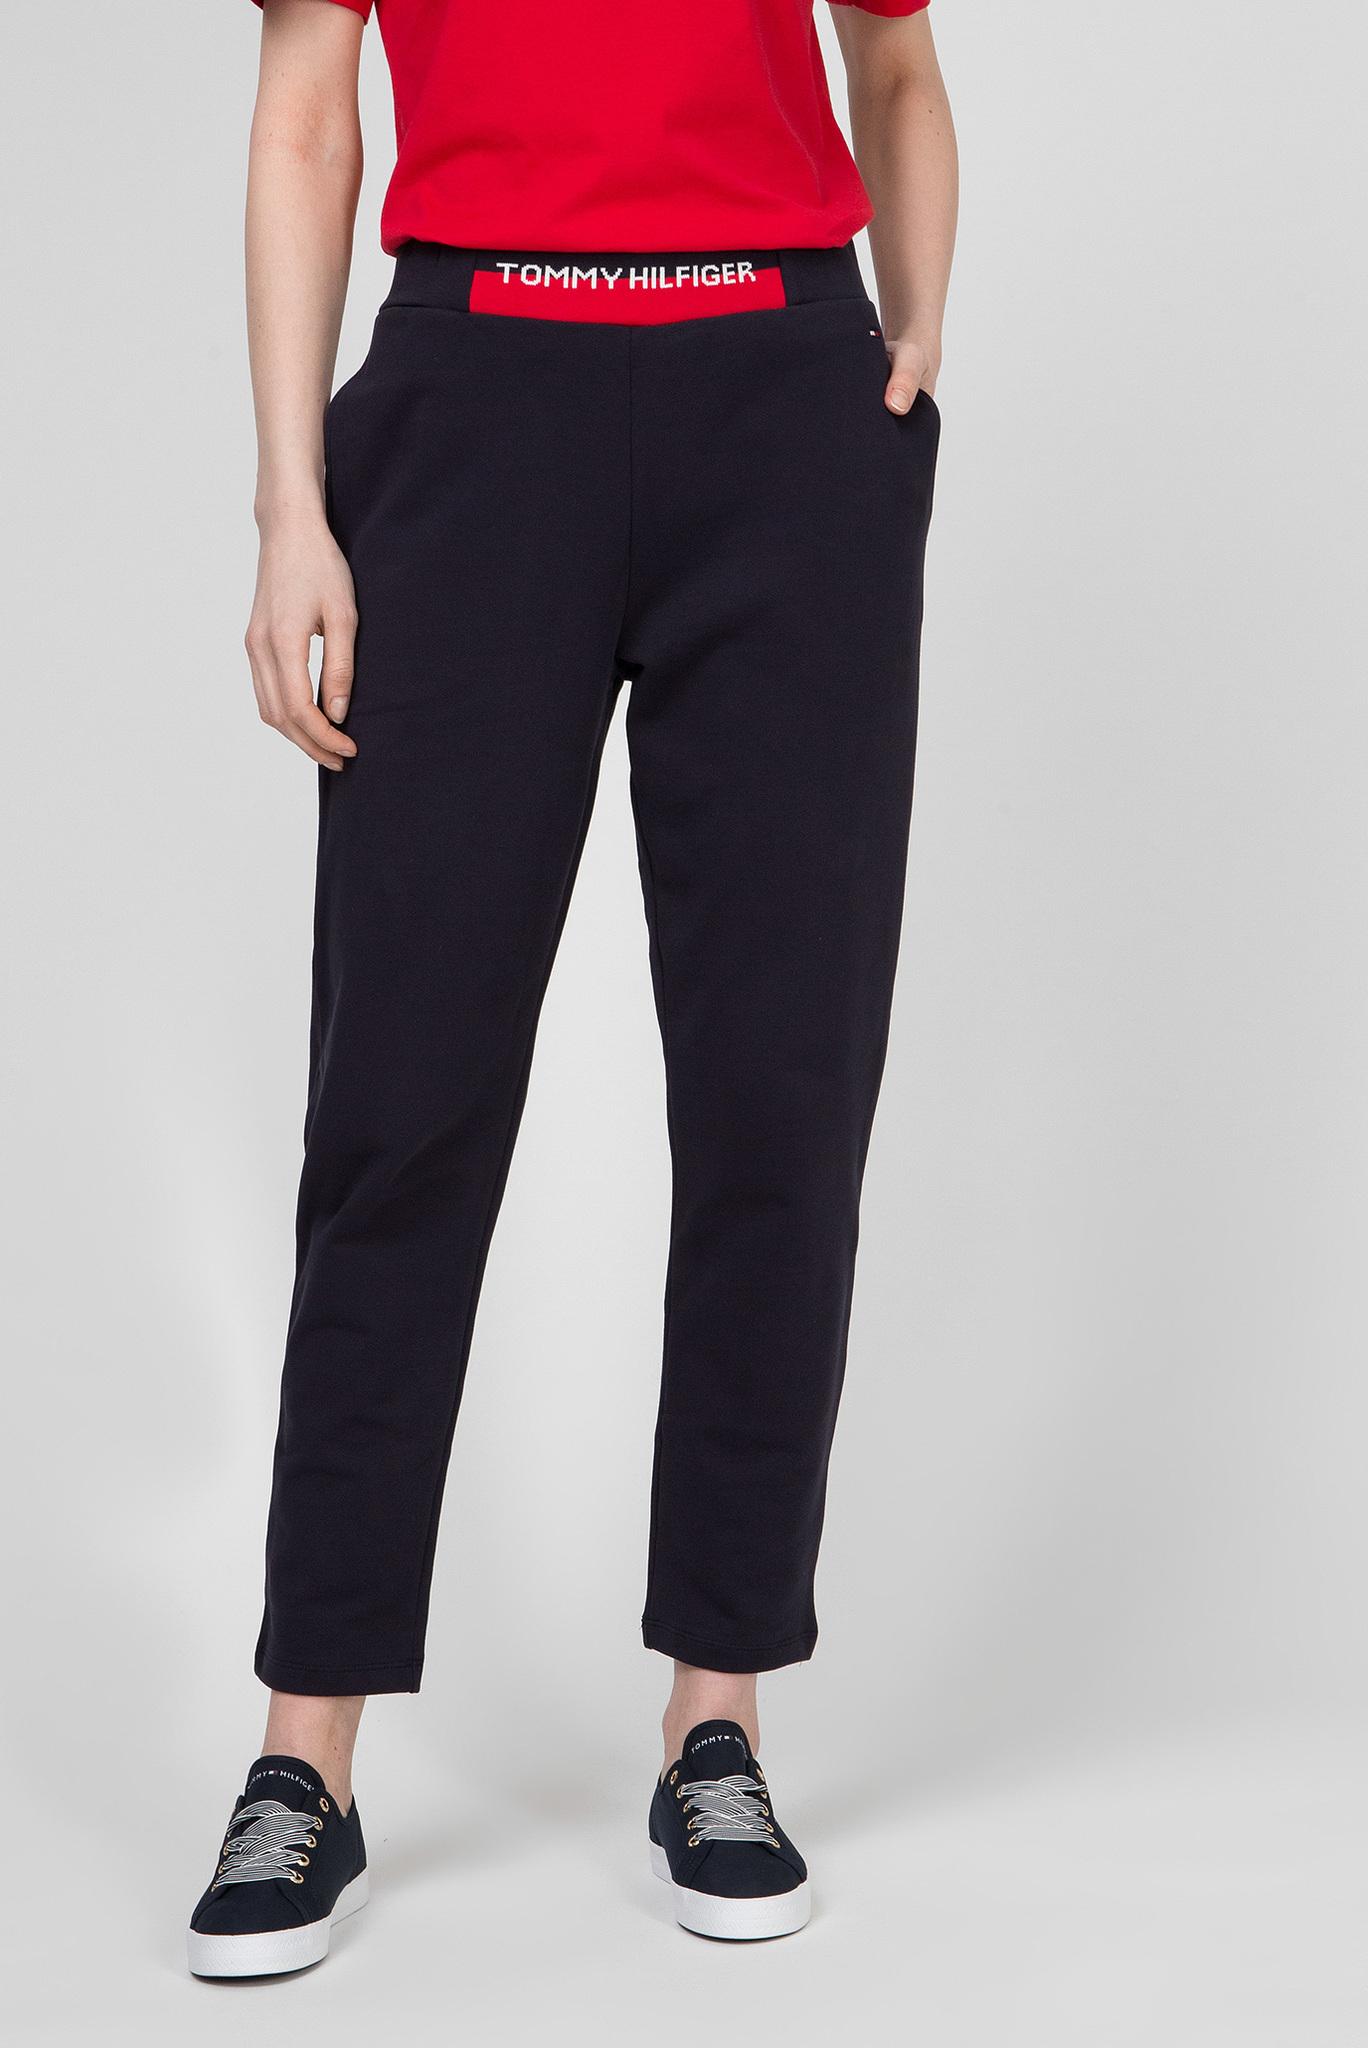 Женские темно-синие спортивные брюки KHLOE Tommy Hilfiger